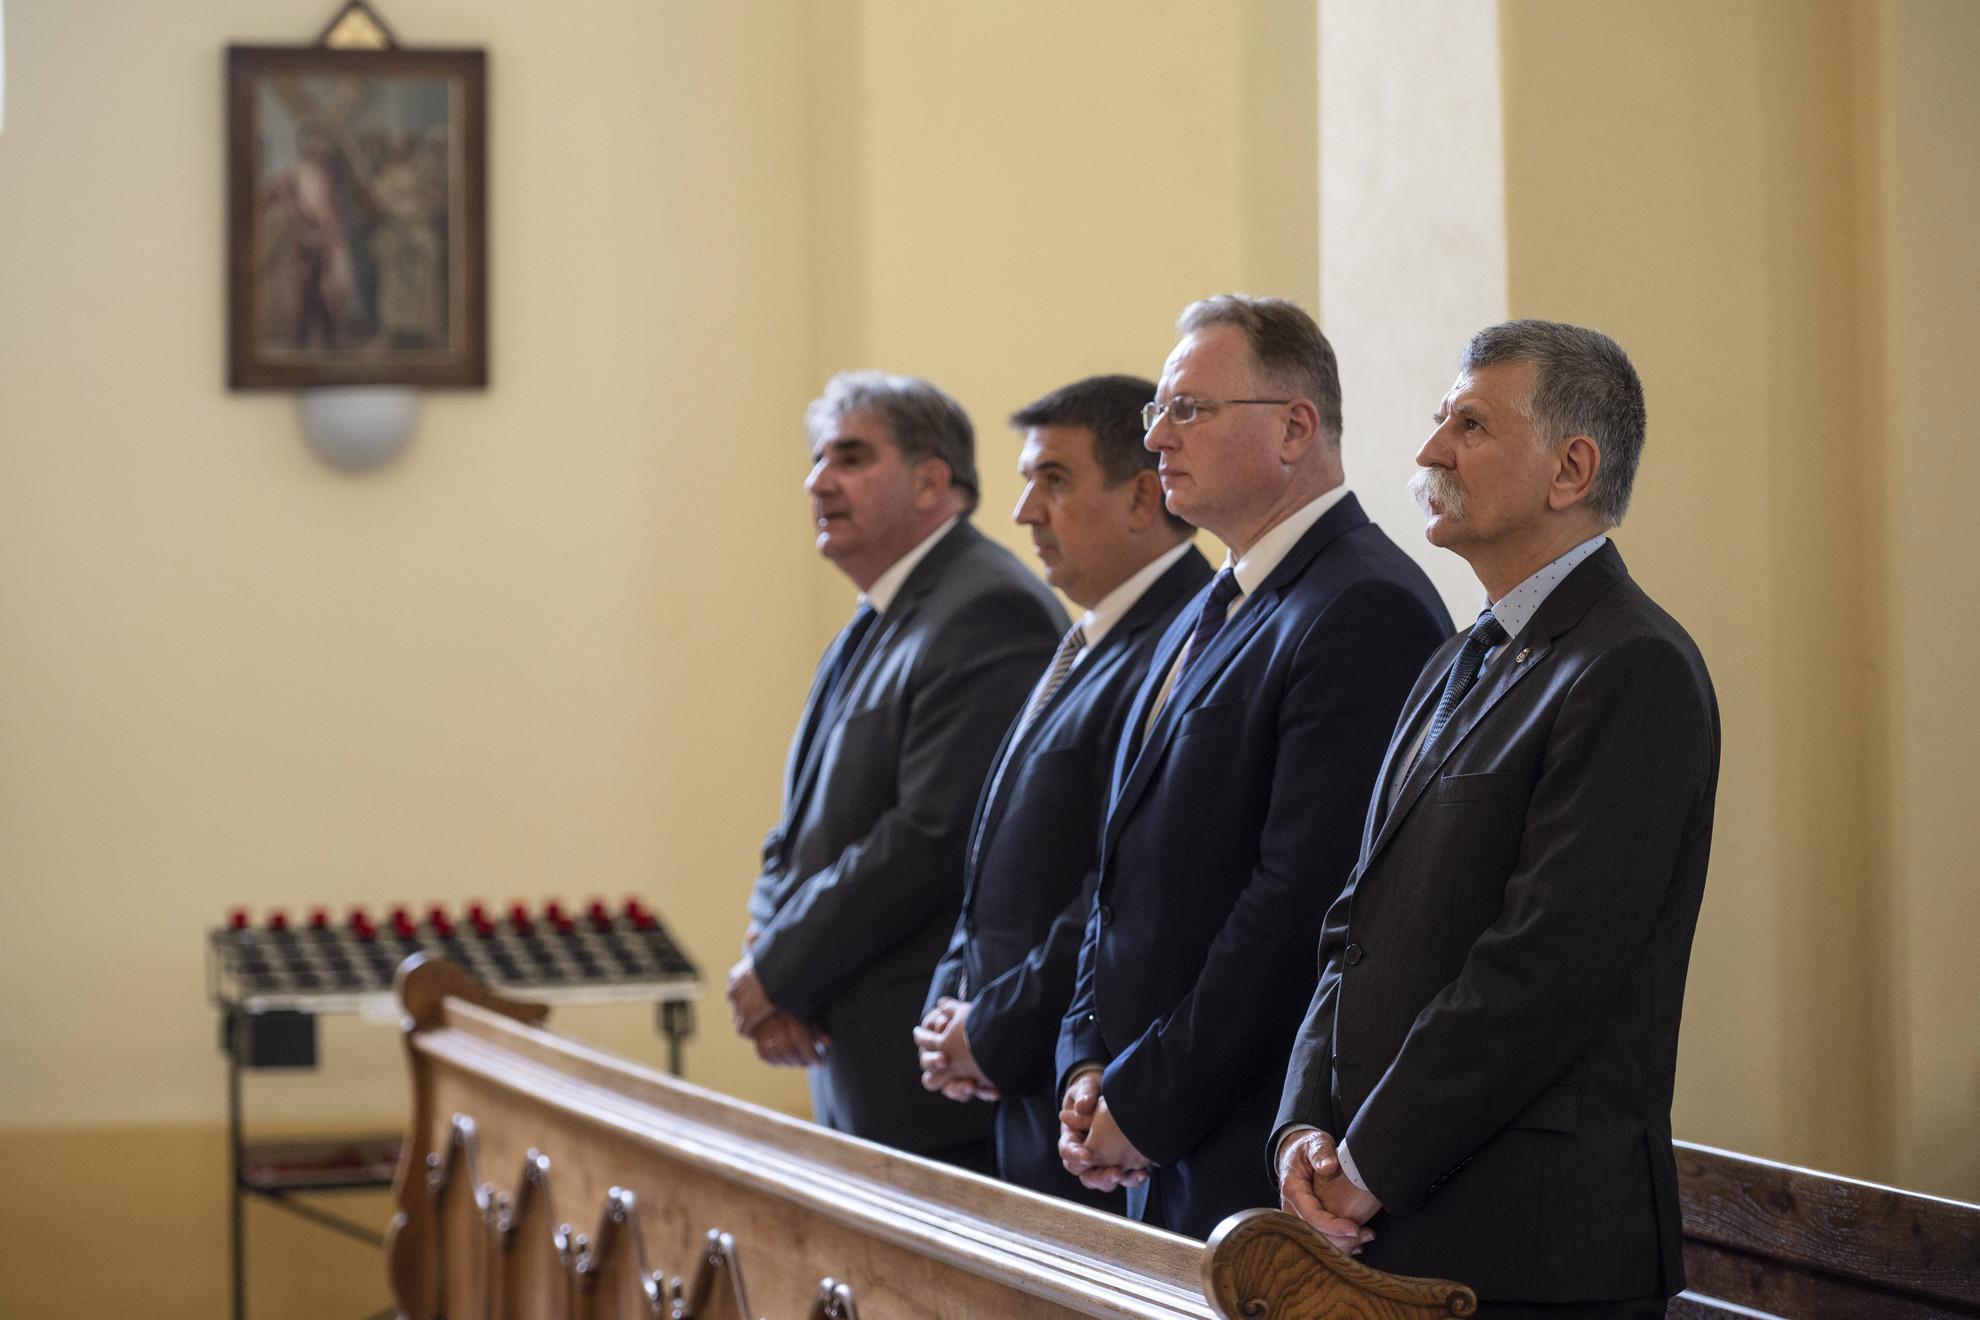 Kövér László, az Országgyűlés elnöke (j), Skuczi Nándor, a Nógrád Megyei Közgyűlés elnöke (j2), Becsó Károly (j3) és Balla Mihály (j4), a megye fideszes országgyűlési képviselői a XV. Nógrádi Megyenap alkalmából tartott ünnepi szentmisén a Salgótarjáni Római Katolikus Főplébánia Templomban 2021. szeptember 18-án